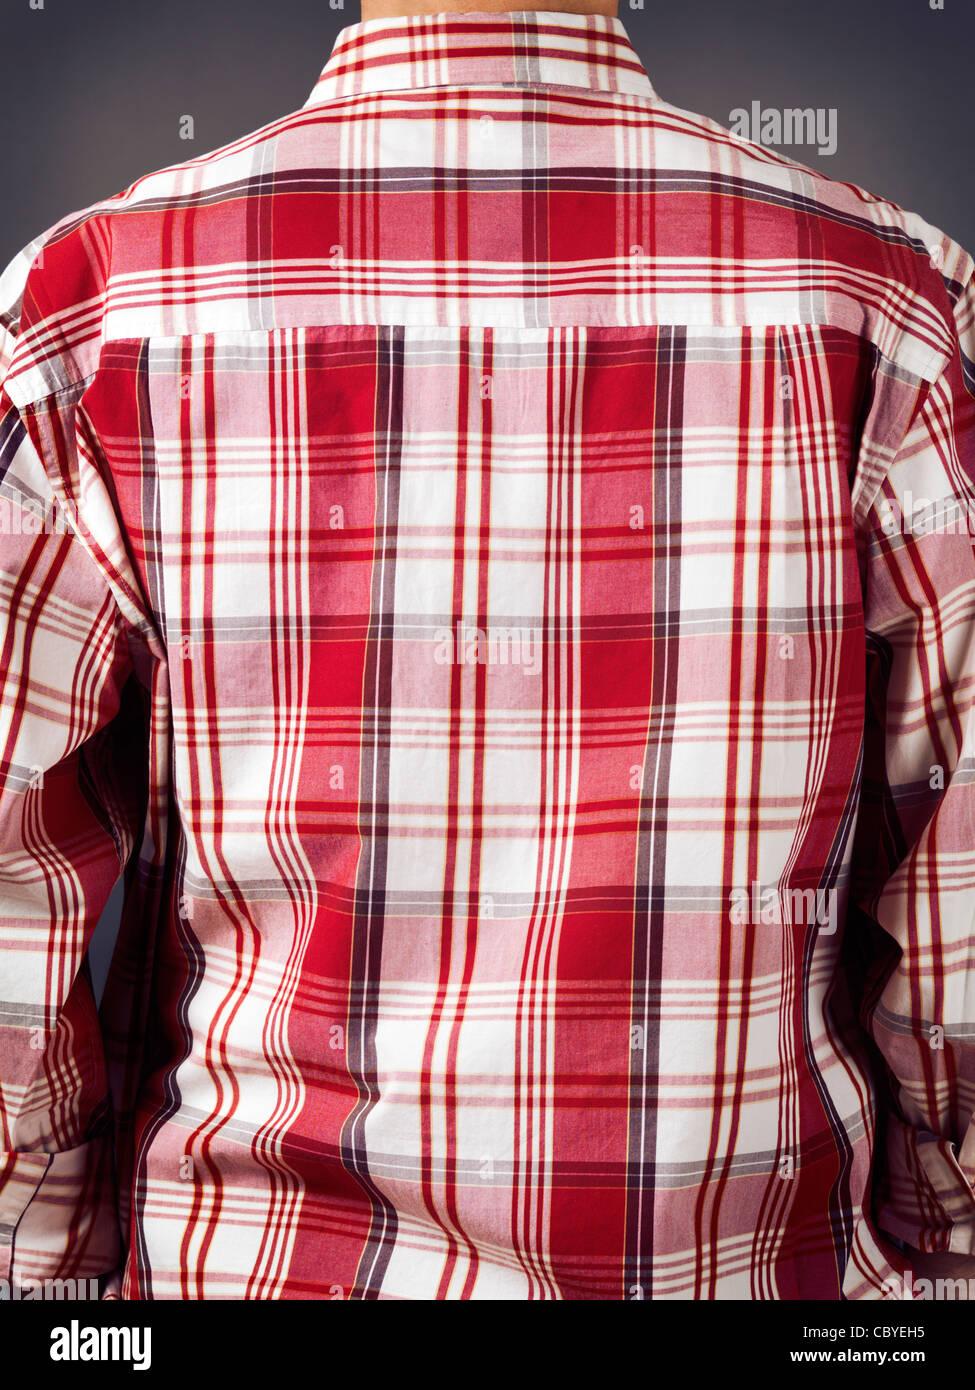 Nahaufnahme eines zurück ein Mann mit Phantasie rot Tartan Shirt. Sicht nach hinten. Stockbild